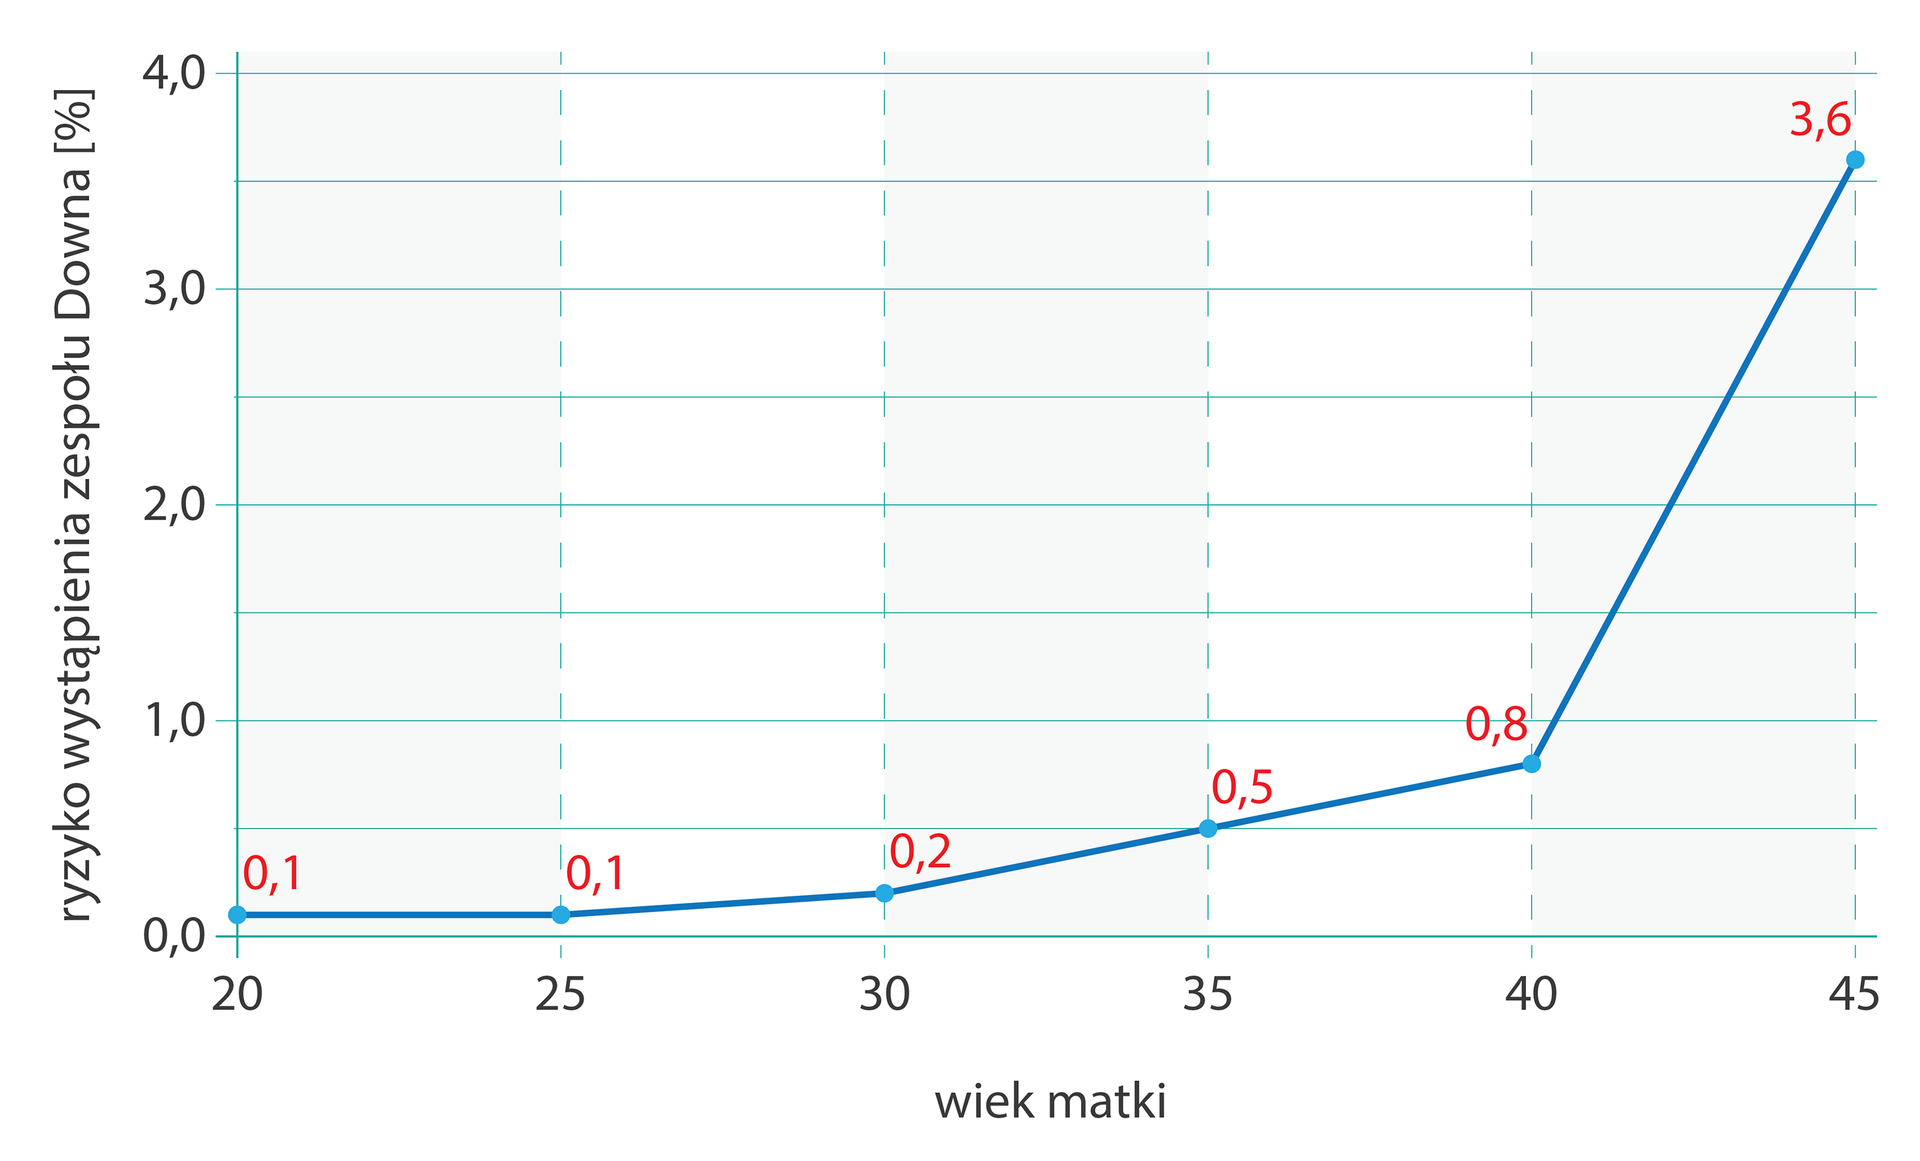 Wykres liniowy przedstawia ryzyko urodzenia dziecka zzespołem Downa wzależności od wieku matki. Na osi Xzaznaczono wiek matki, na osi Yryzyko wystąpienia zespołu Downa wprocentach.